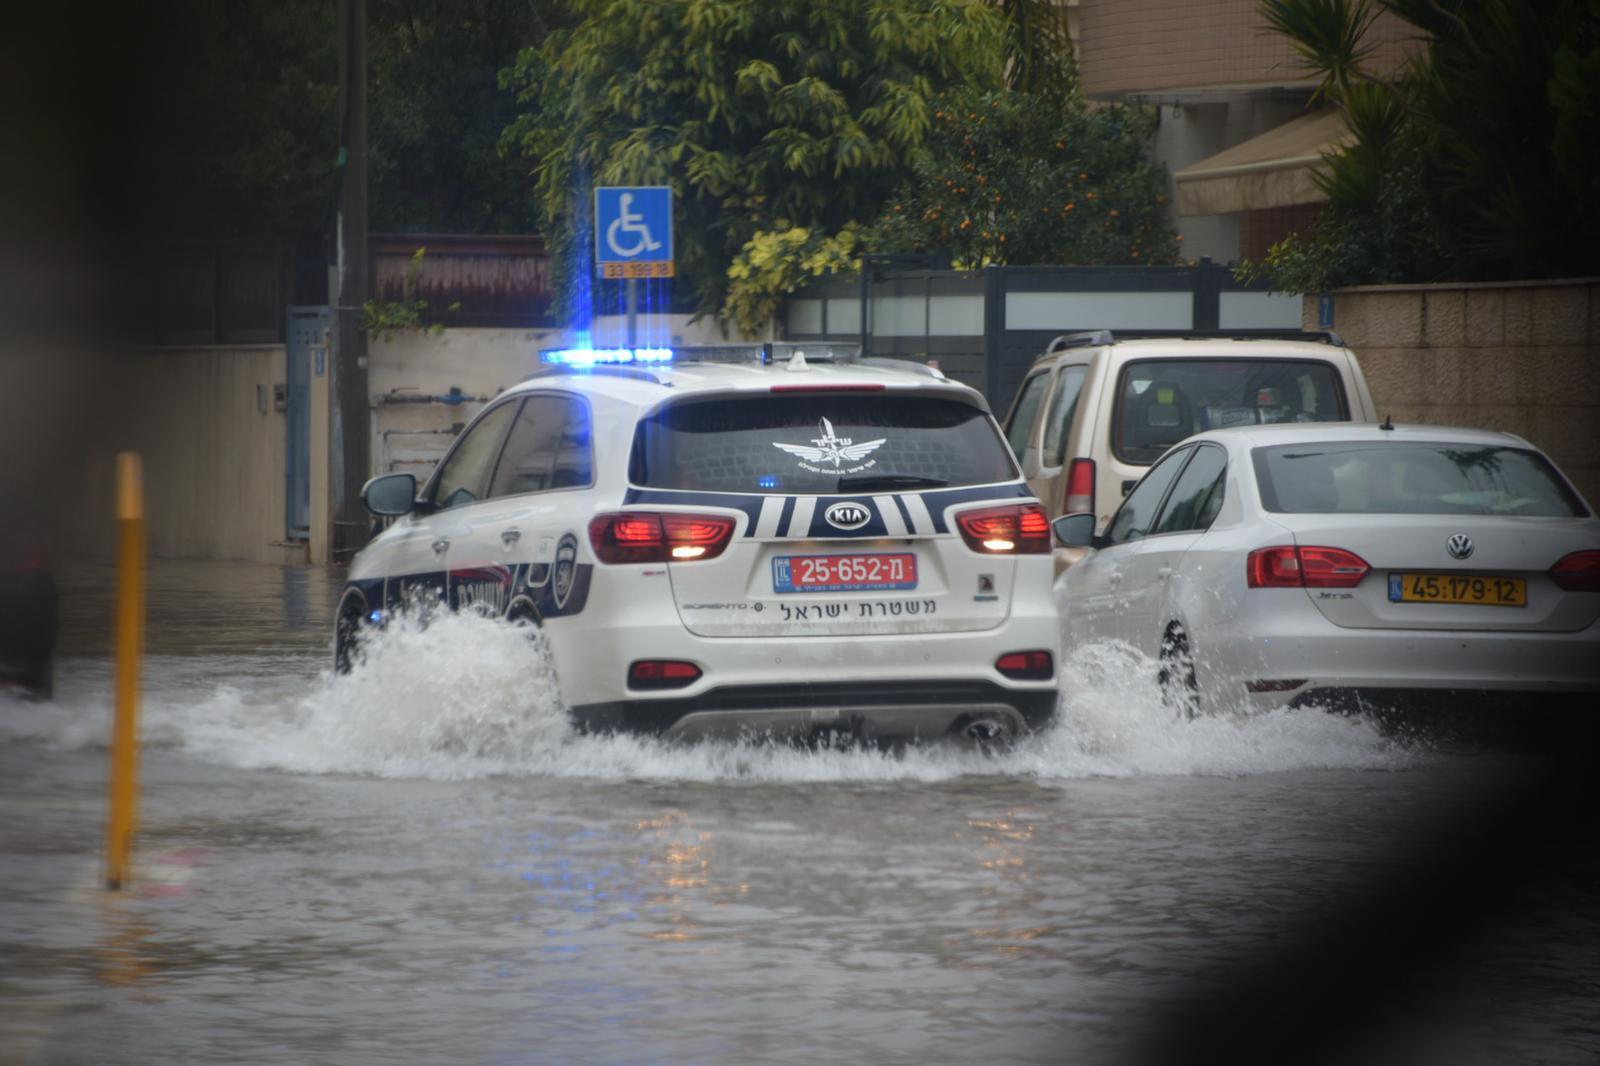 רכב משטרה בתוך שלולית ענק (צילום: דוברות משטרת ישראל)